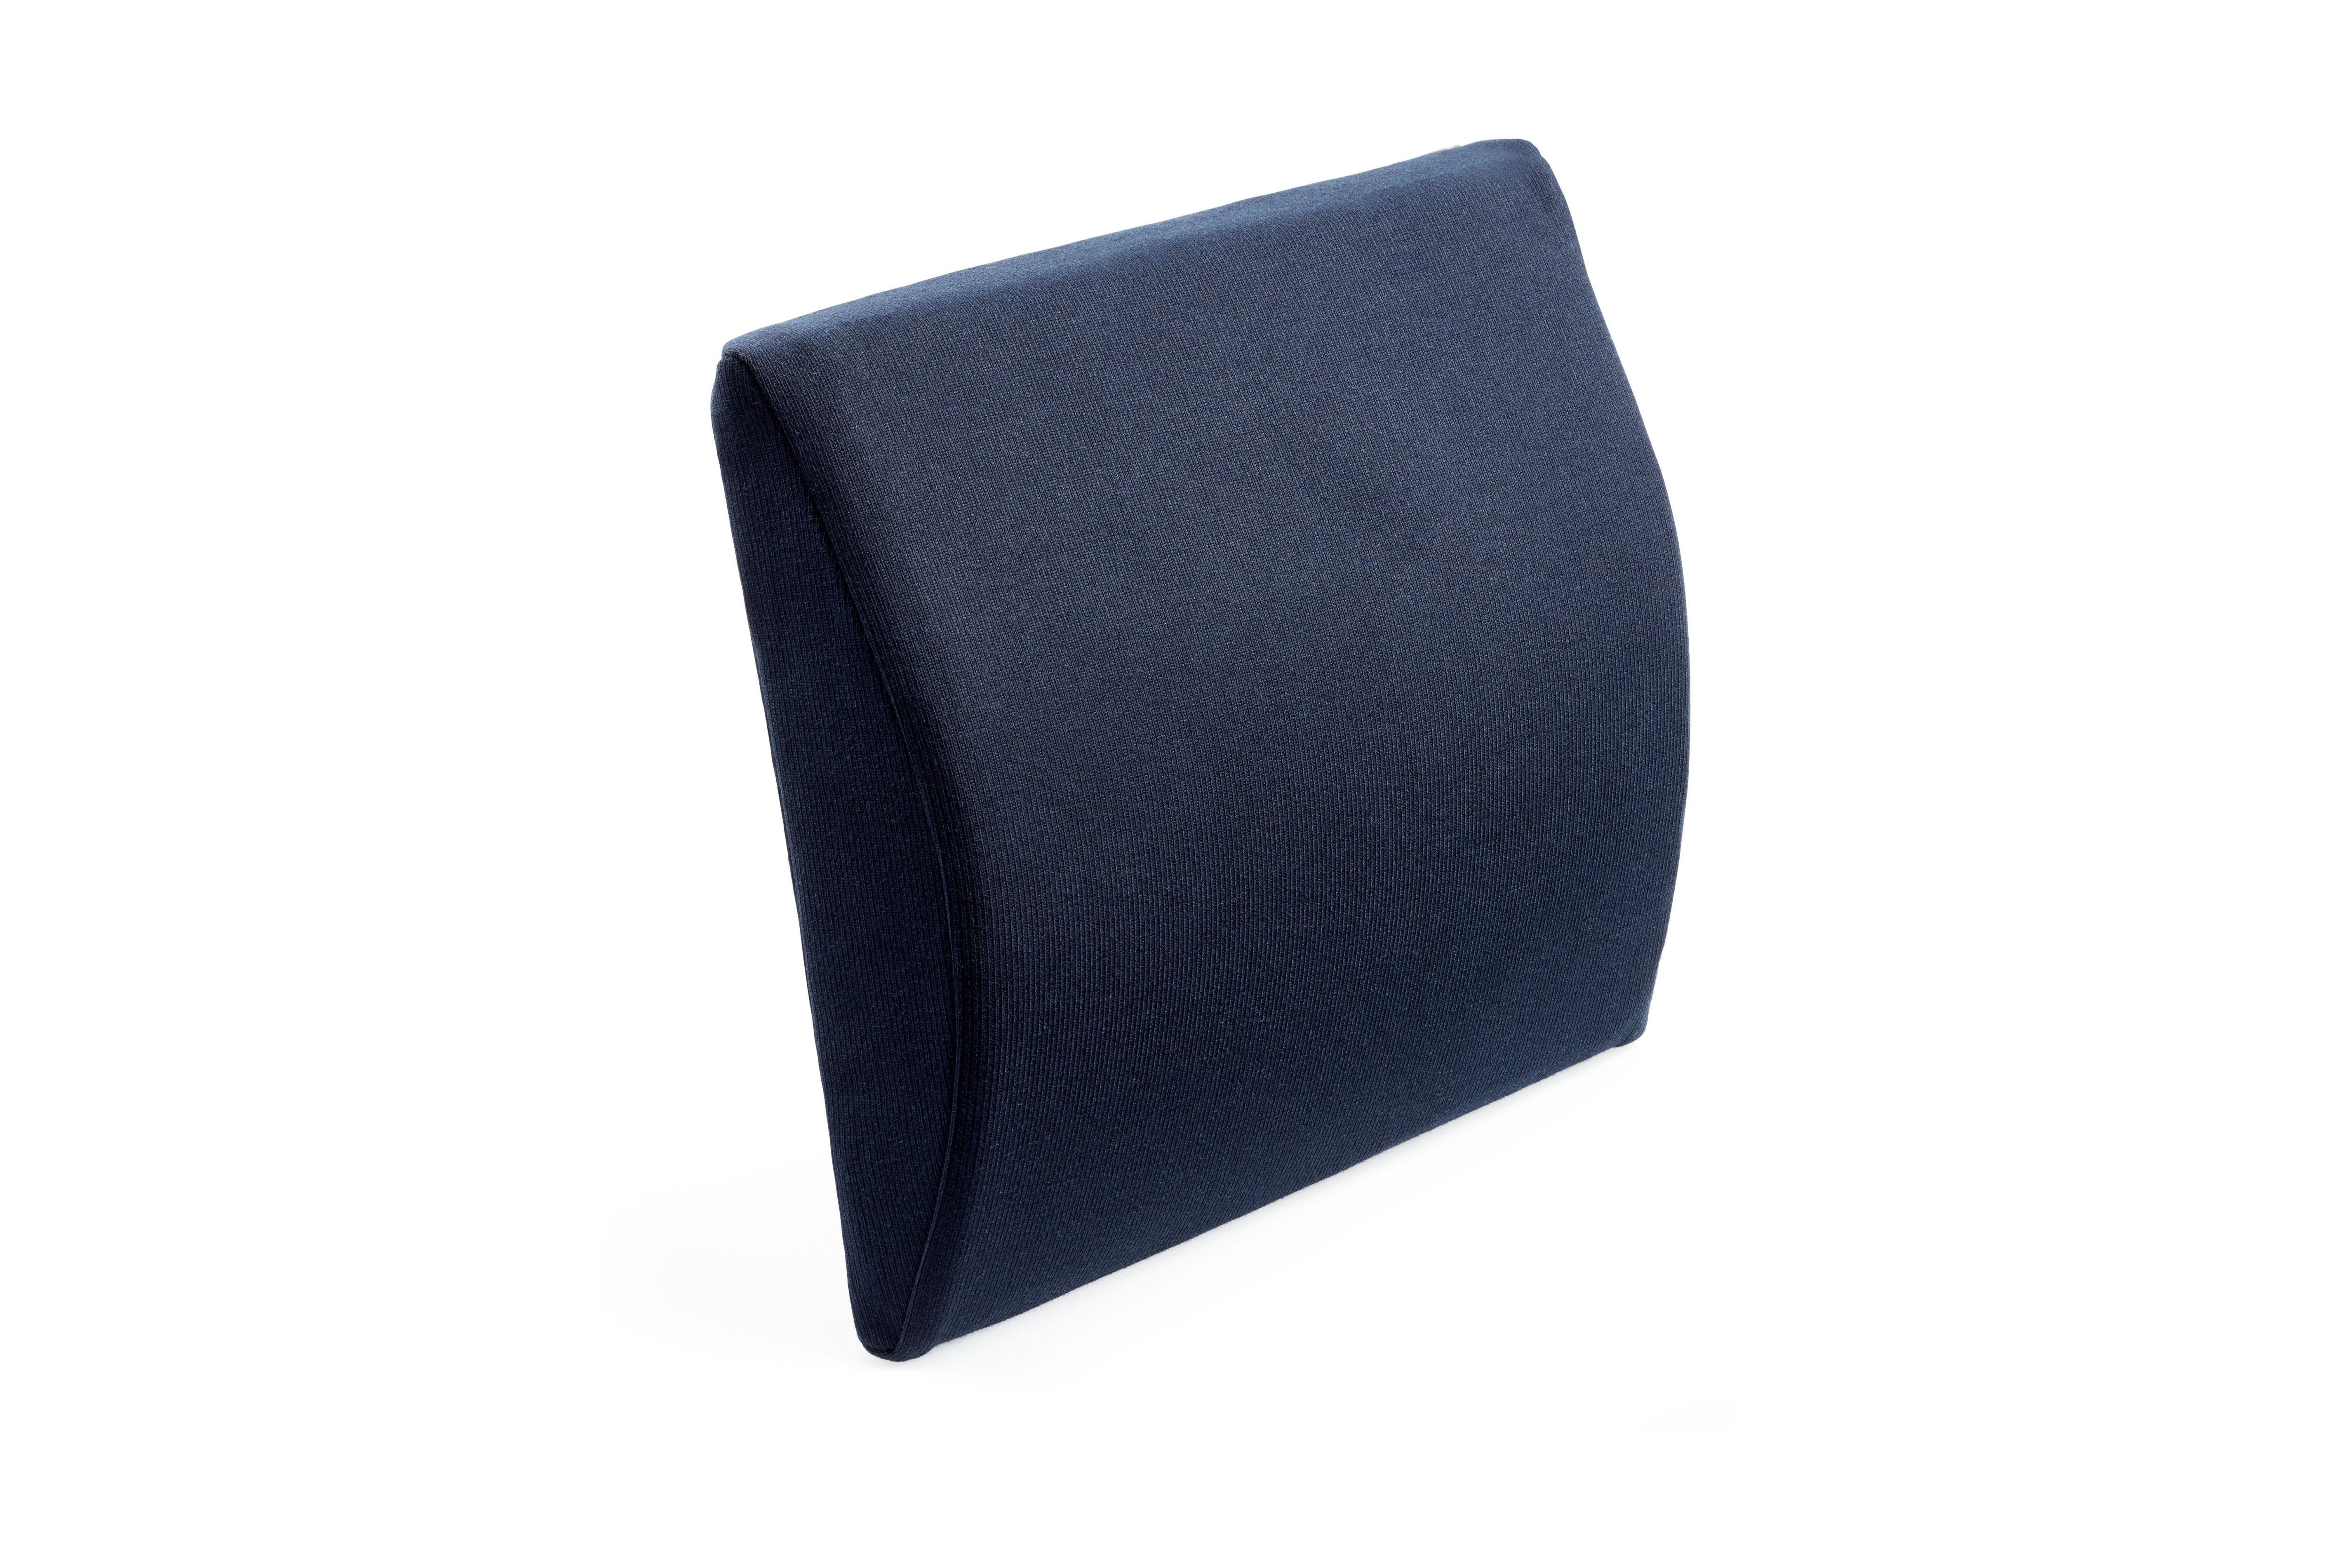 Transit -selkätyyny soveltuu minkä tahansa istuimen ja selän väliin laitettavaksi ristiseläntueksi. Pienen kokonsa ansiosta tyyny on helppo ottaa mukaan matkoille tai vaikka autoon.